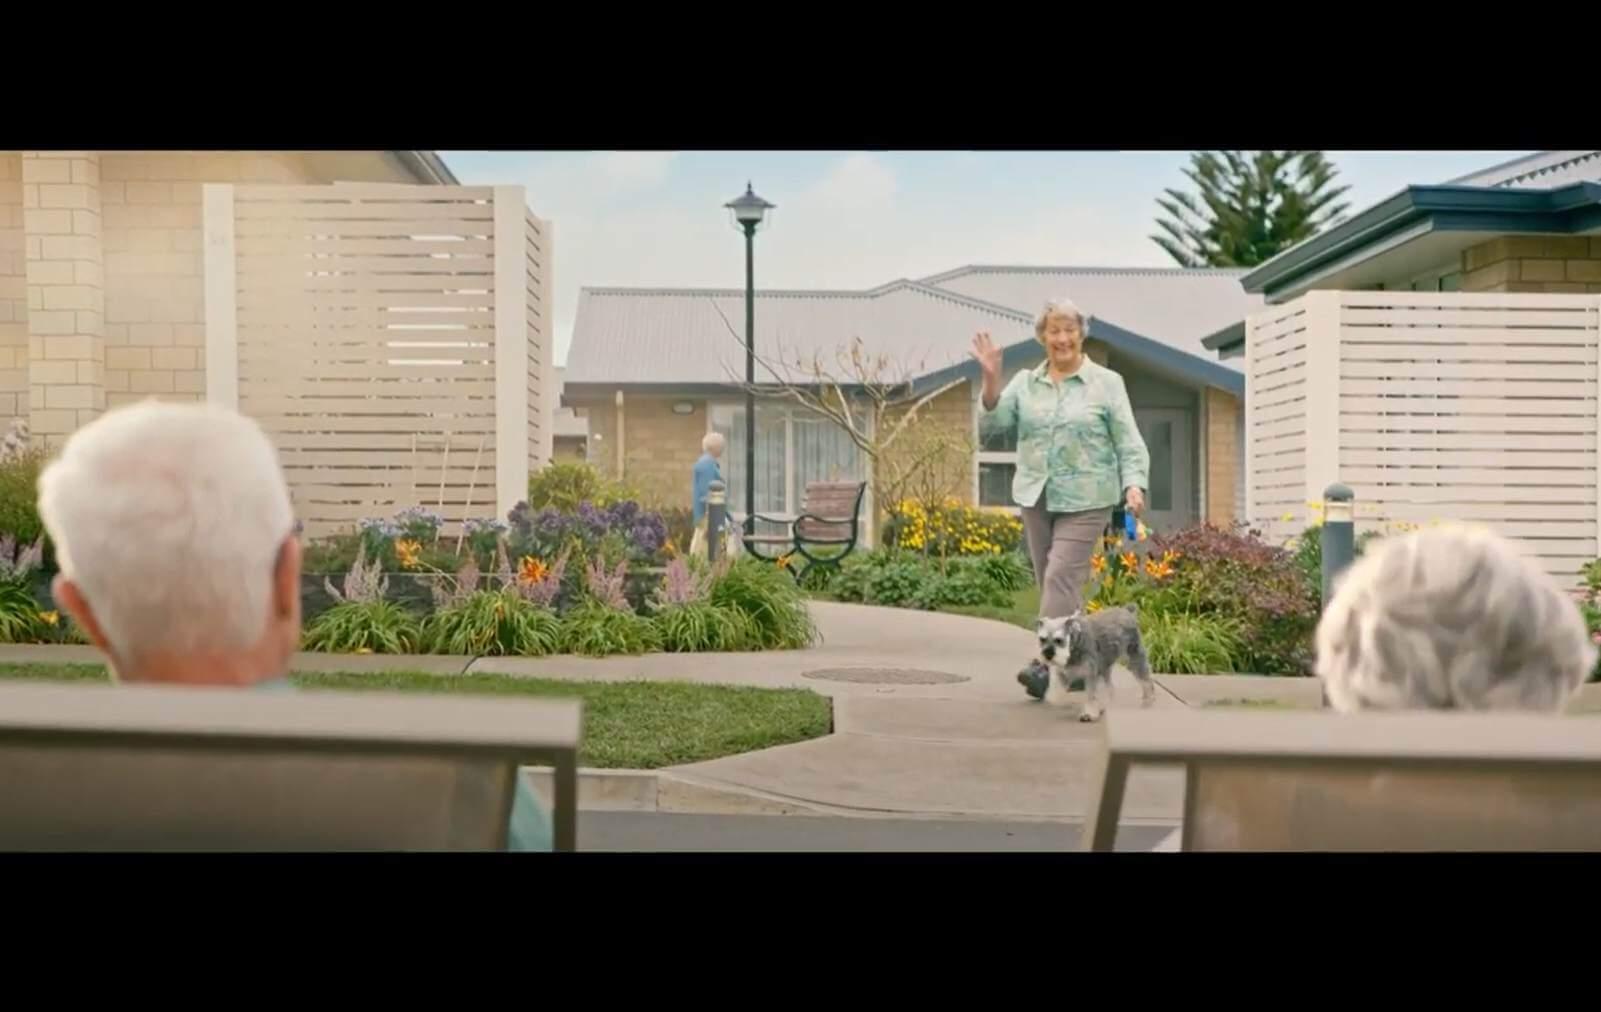 Život kao u filmu: Umirovljenička sela sve popularnija, glavni problem je – cijena